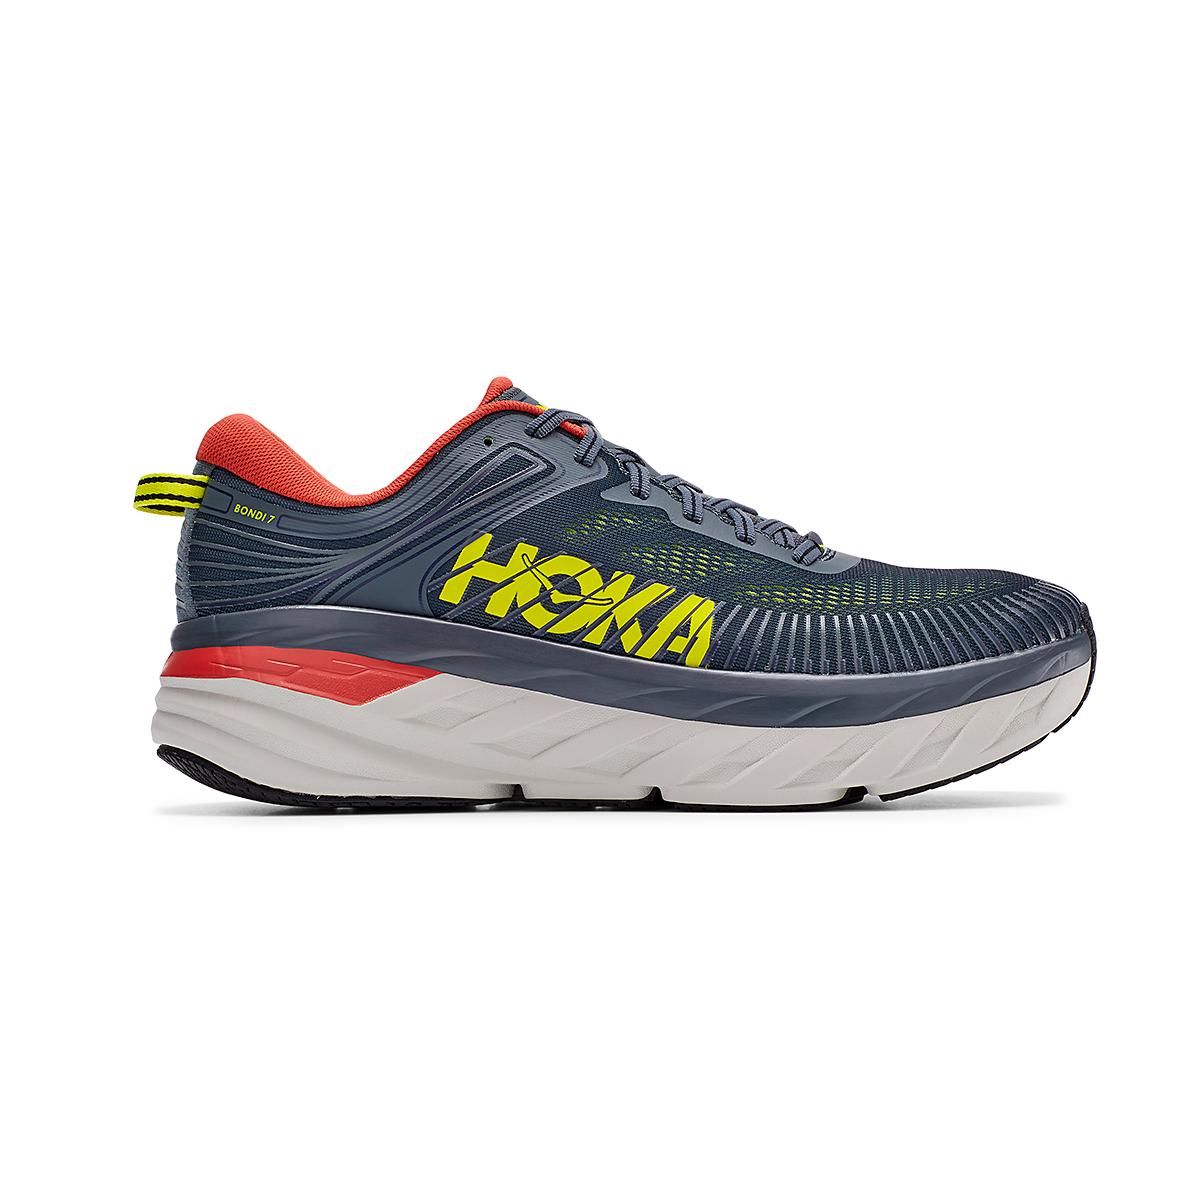 Men's Hoka One One Bondi 7 Running Shoe - Color: Turbulence/Chili - Size: 8 - Width: Regular, Turbulence/Chili, large, image 1